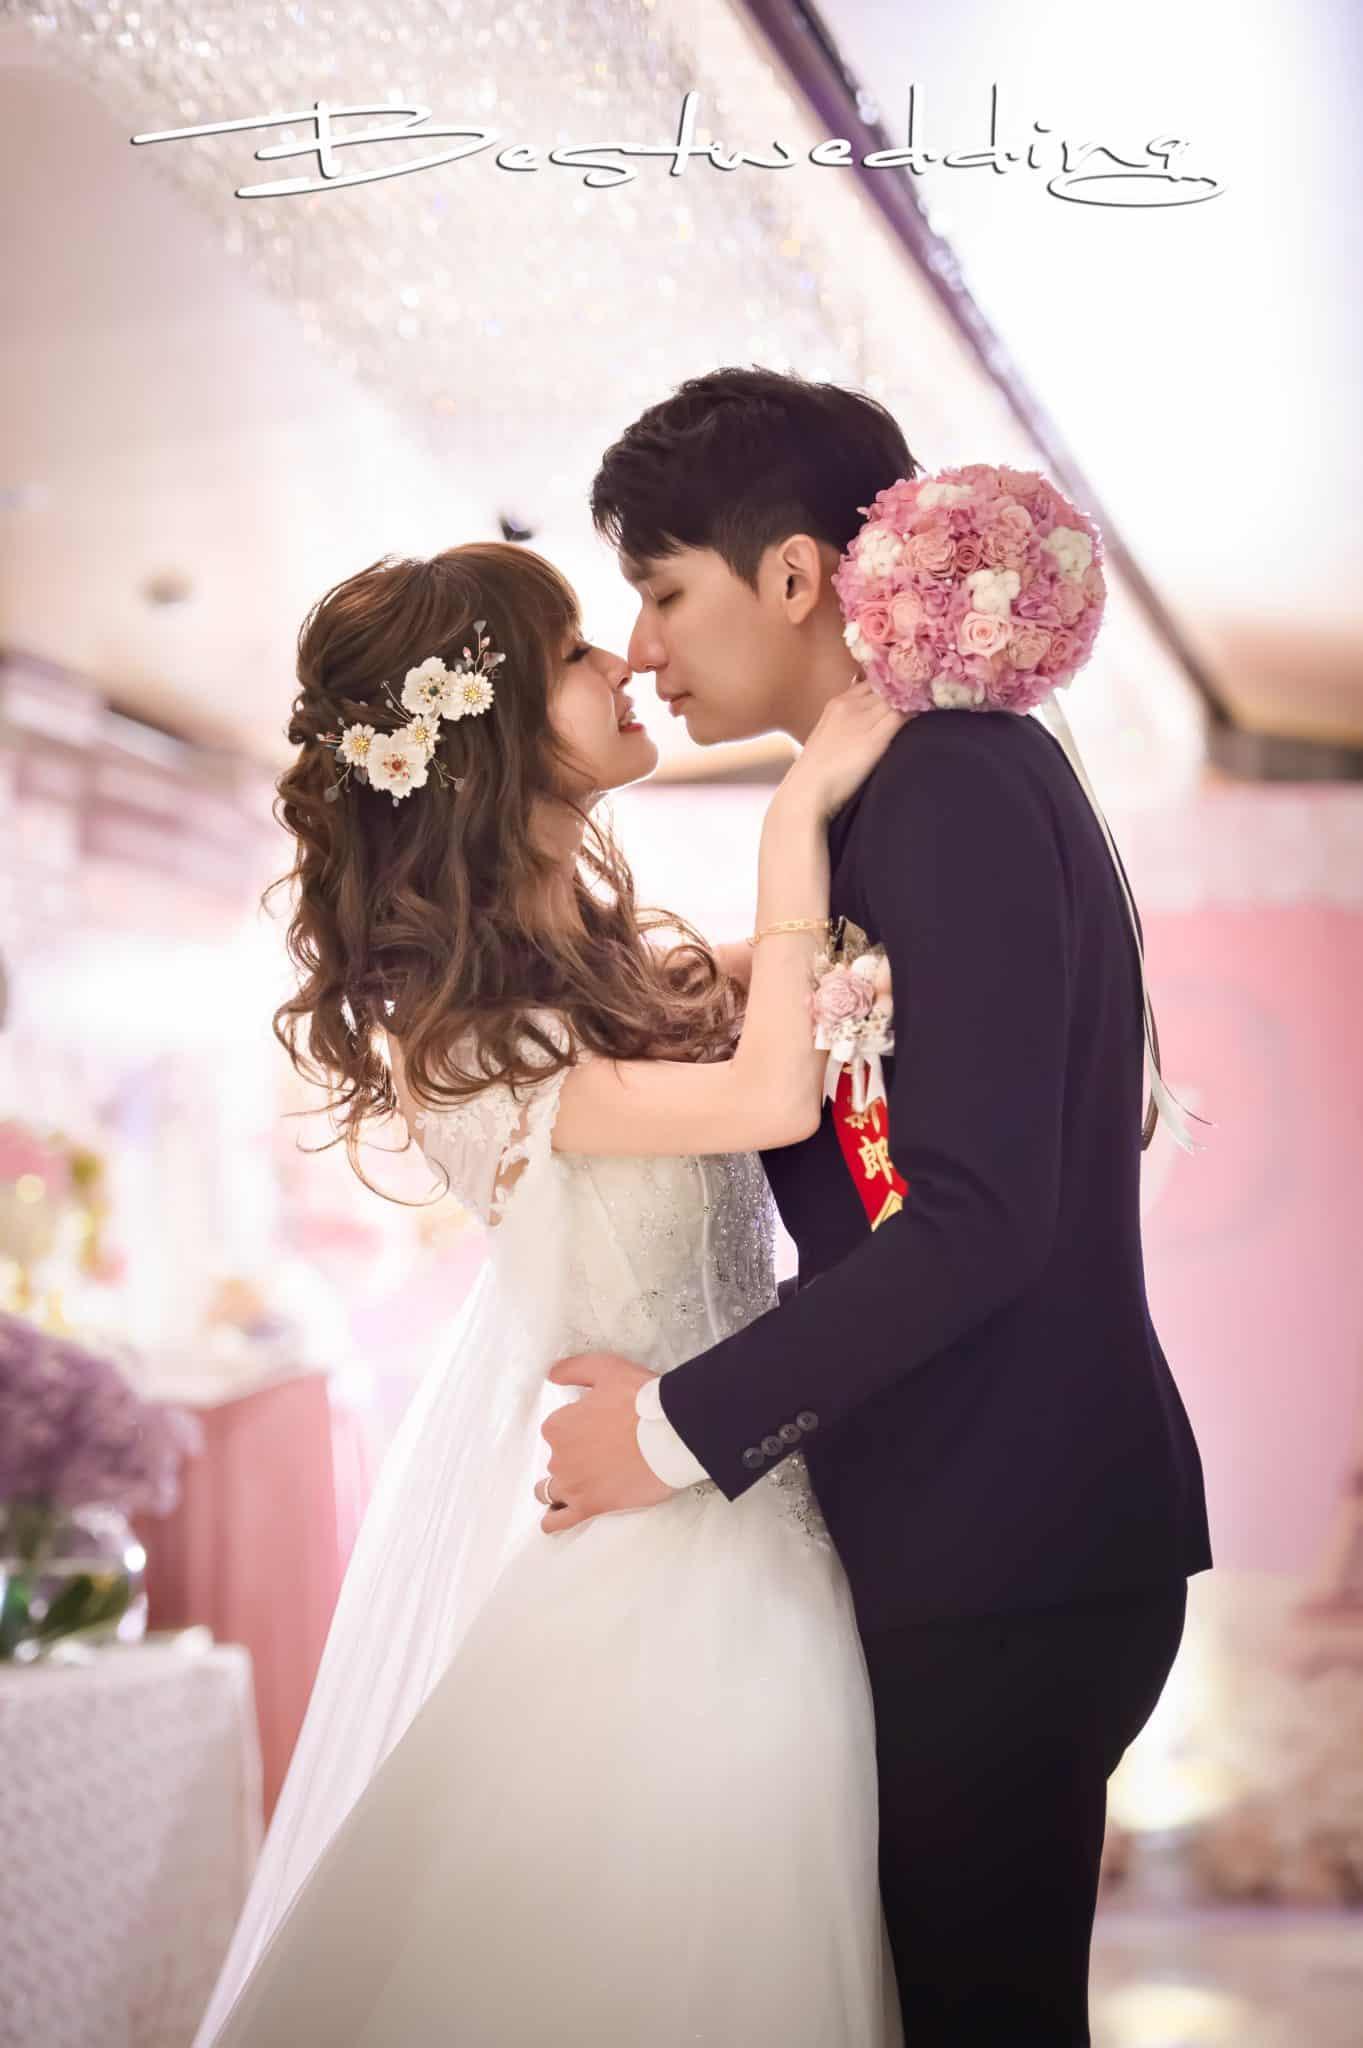 【婚攝優哥】宗恩 ♥ 恩緹 - 台北亞都麗緻大飯店 The Landis Taipei Hotel